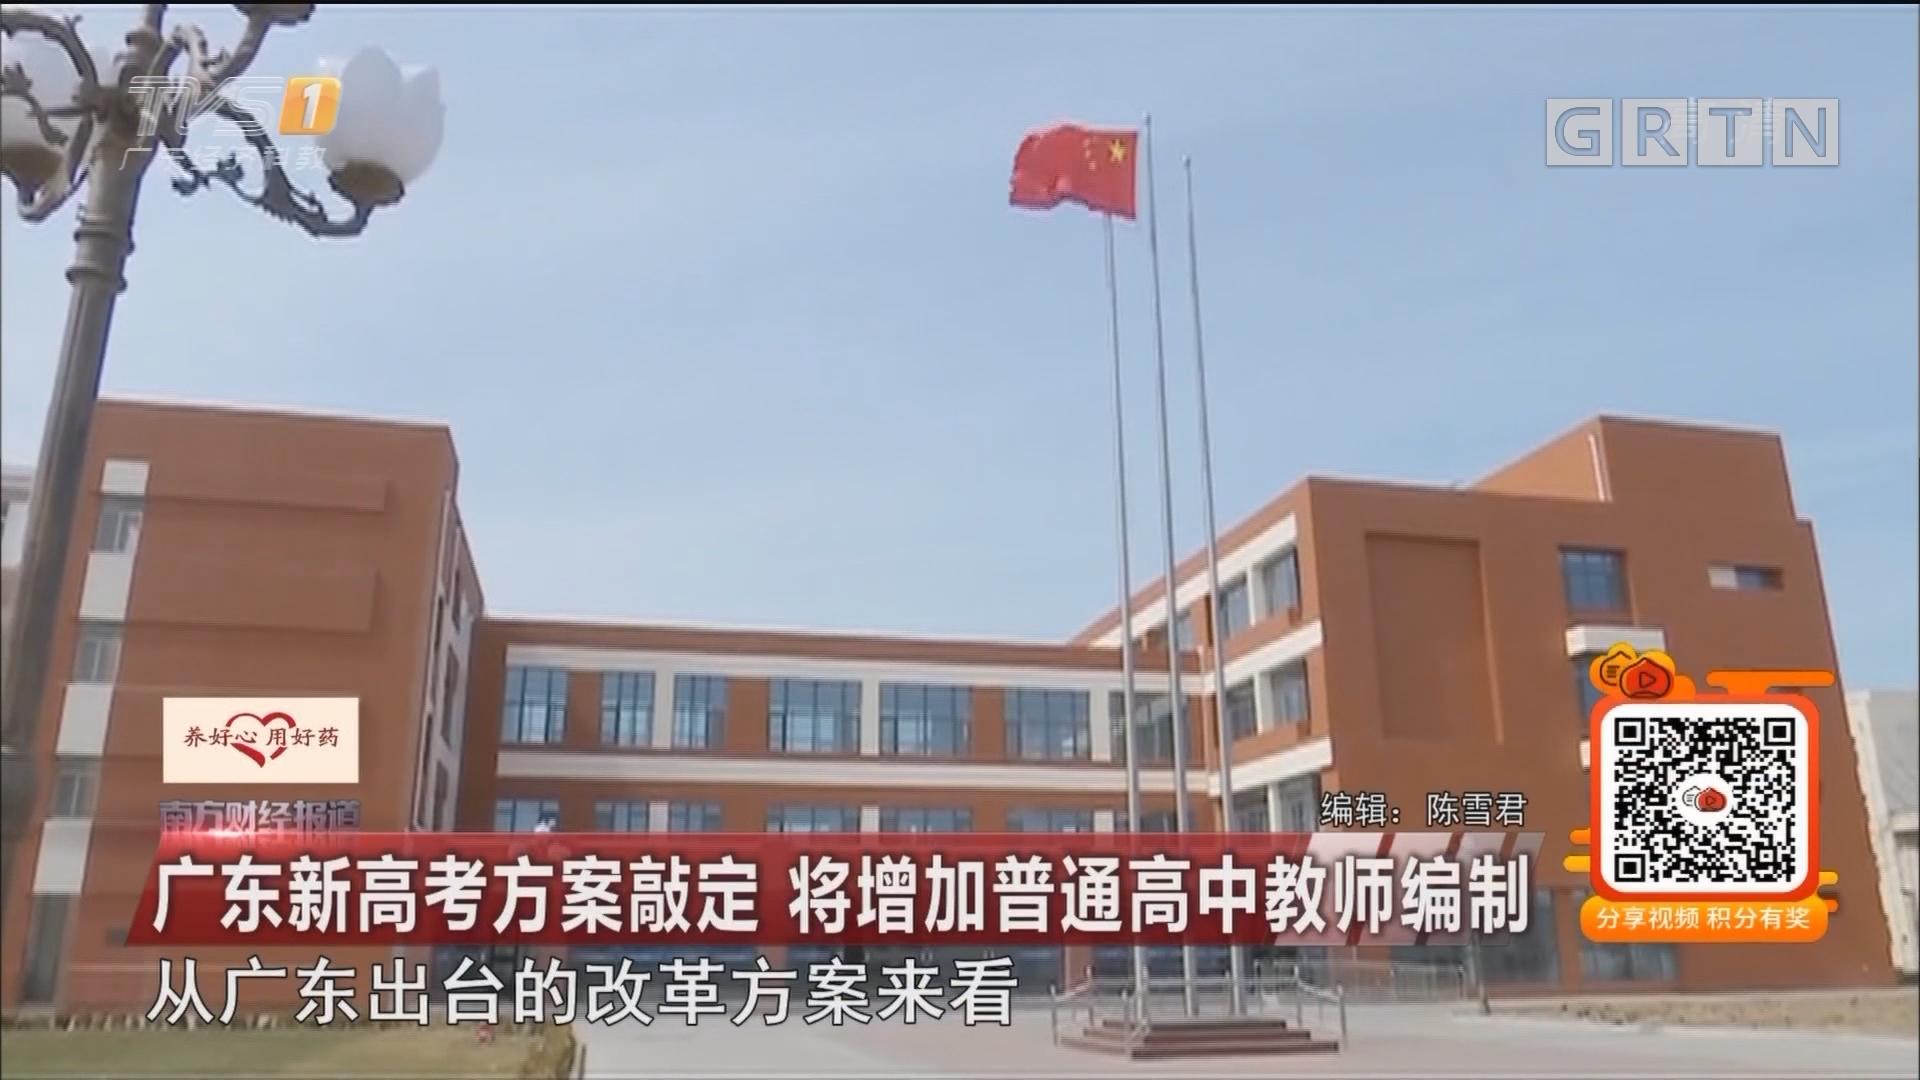 广东新高考方案敲定 将增加普通高中教师编制